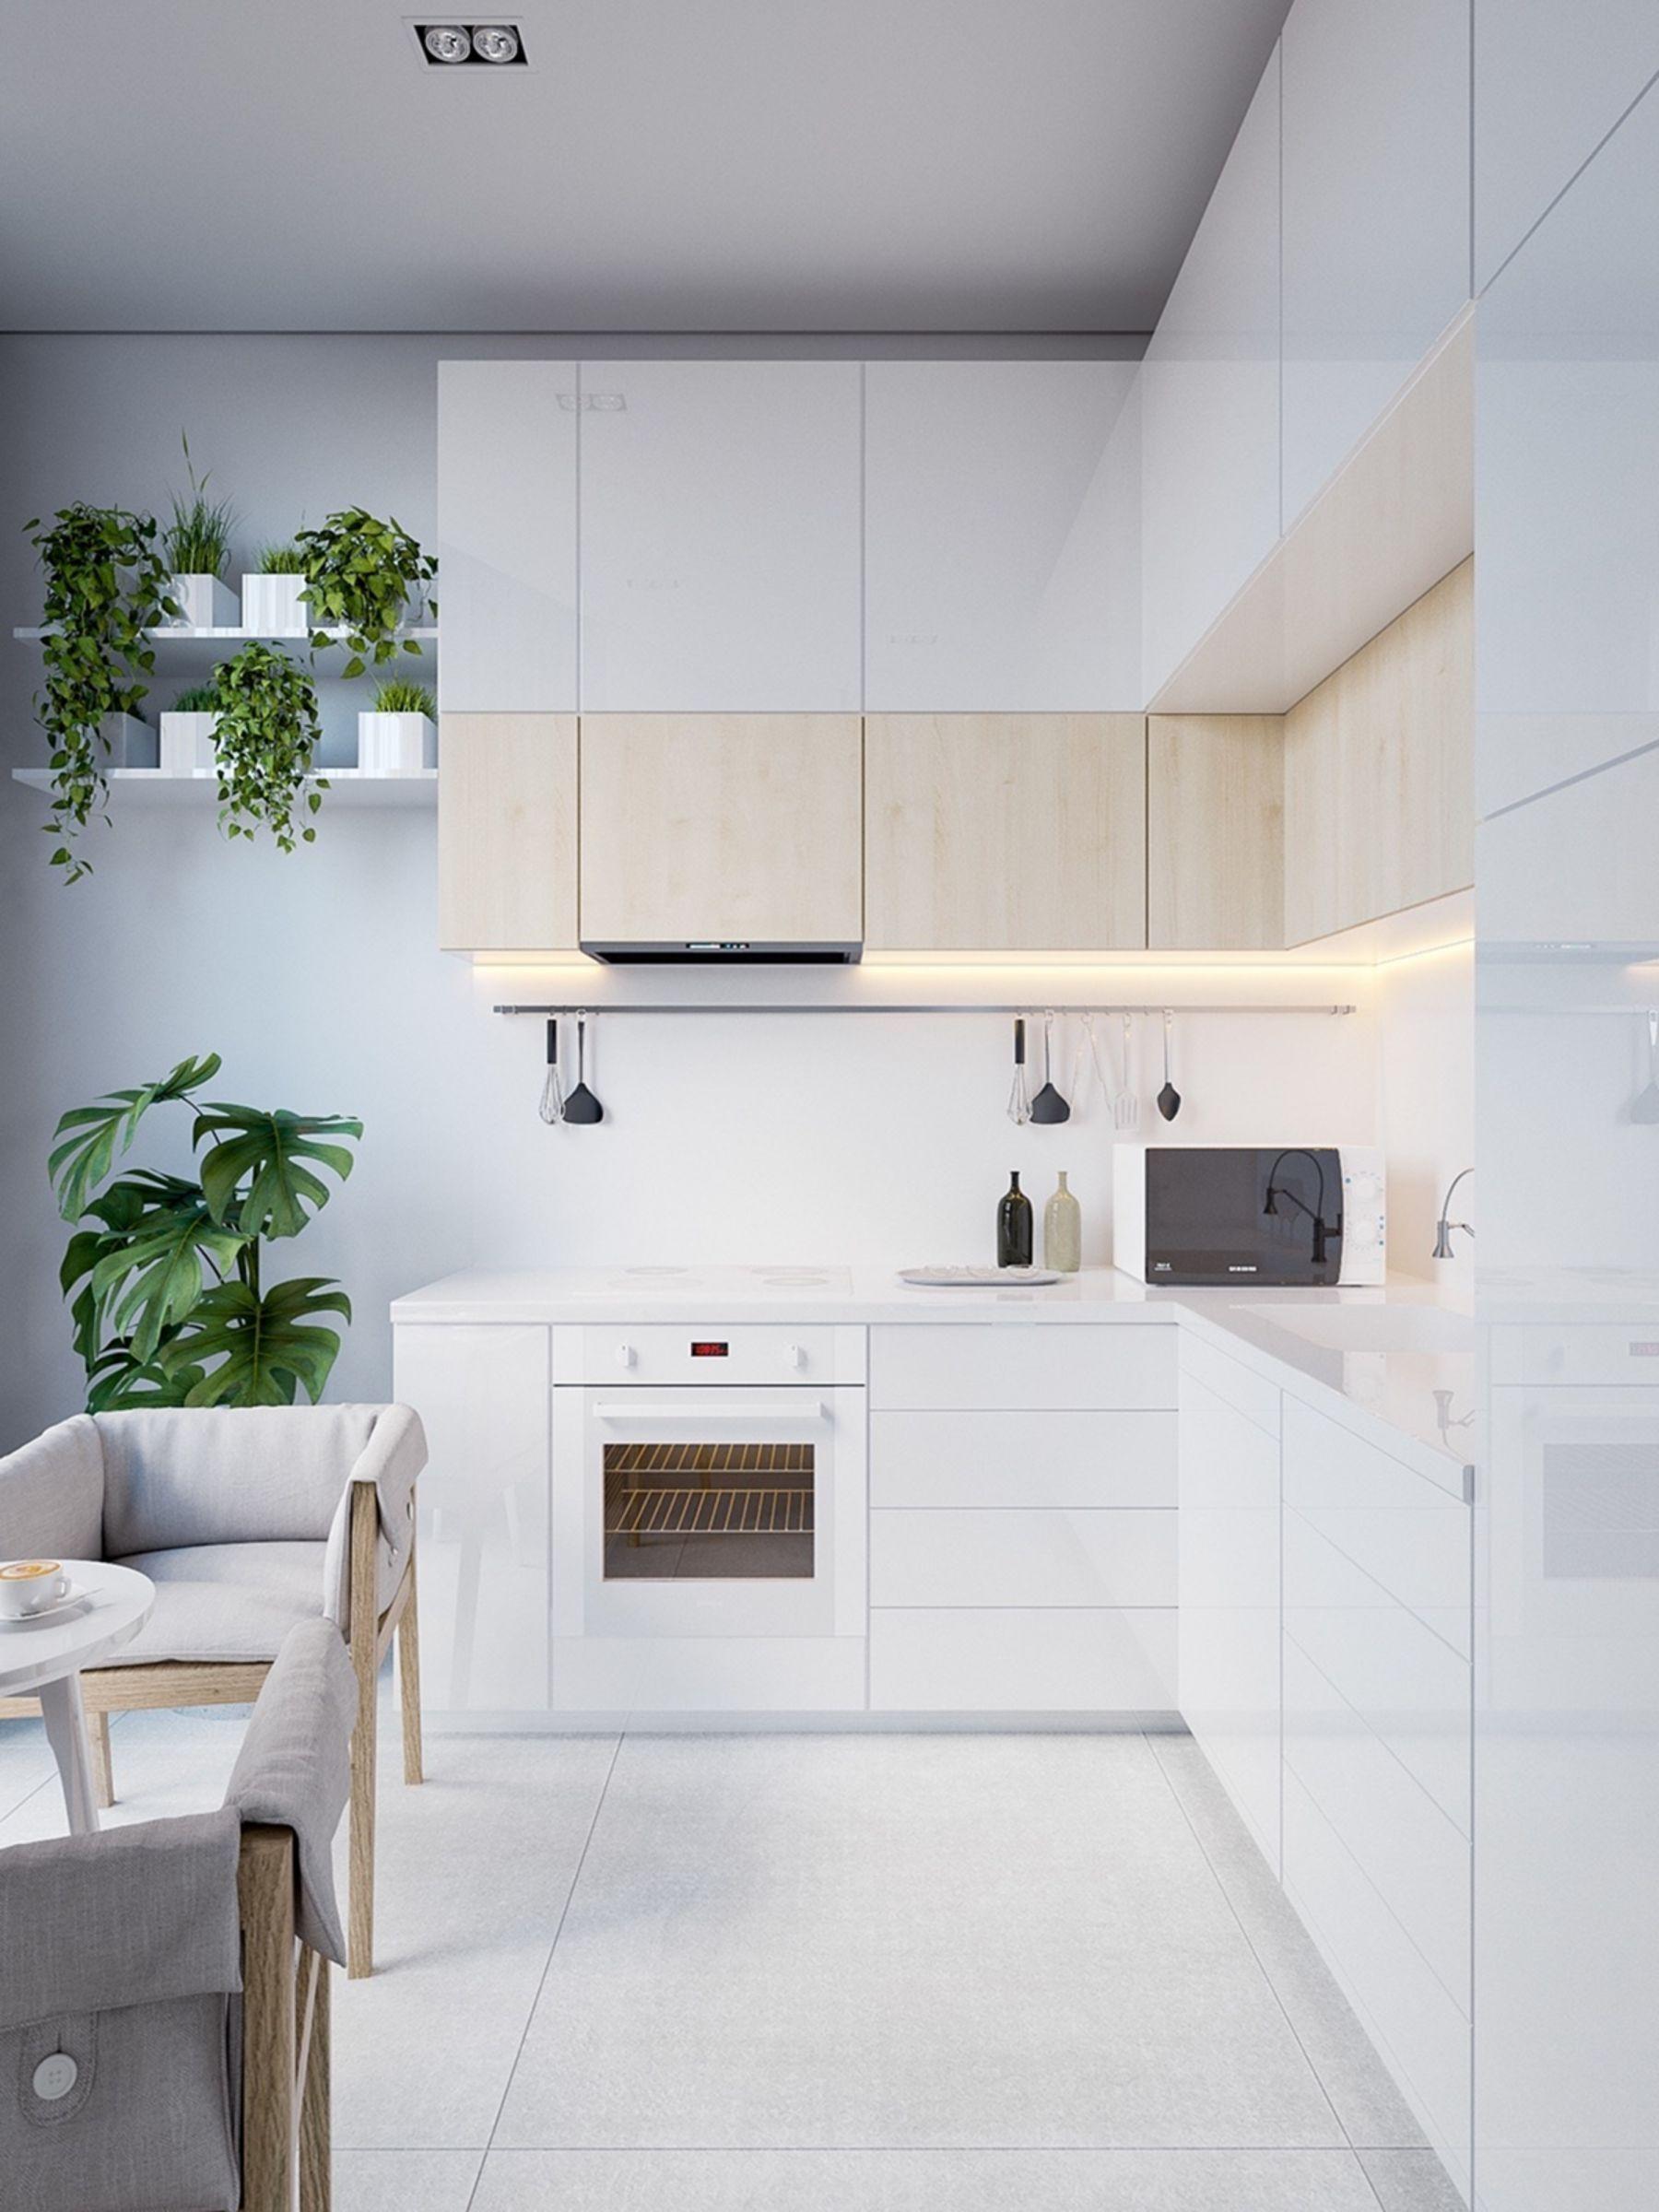 Lantai Dapur Putih Polos dengan lemari dapur putih modern